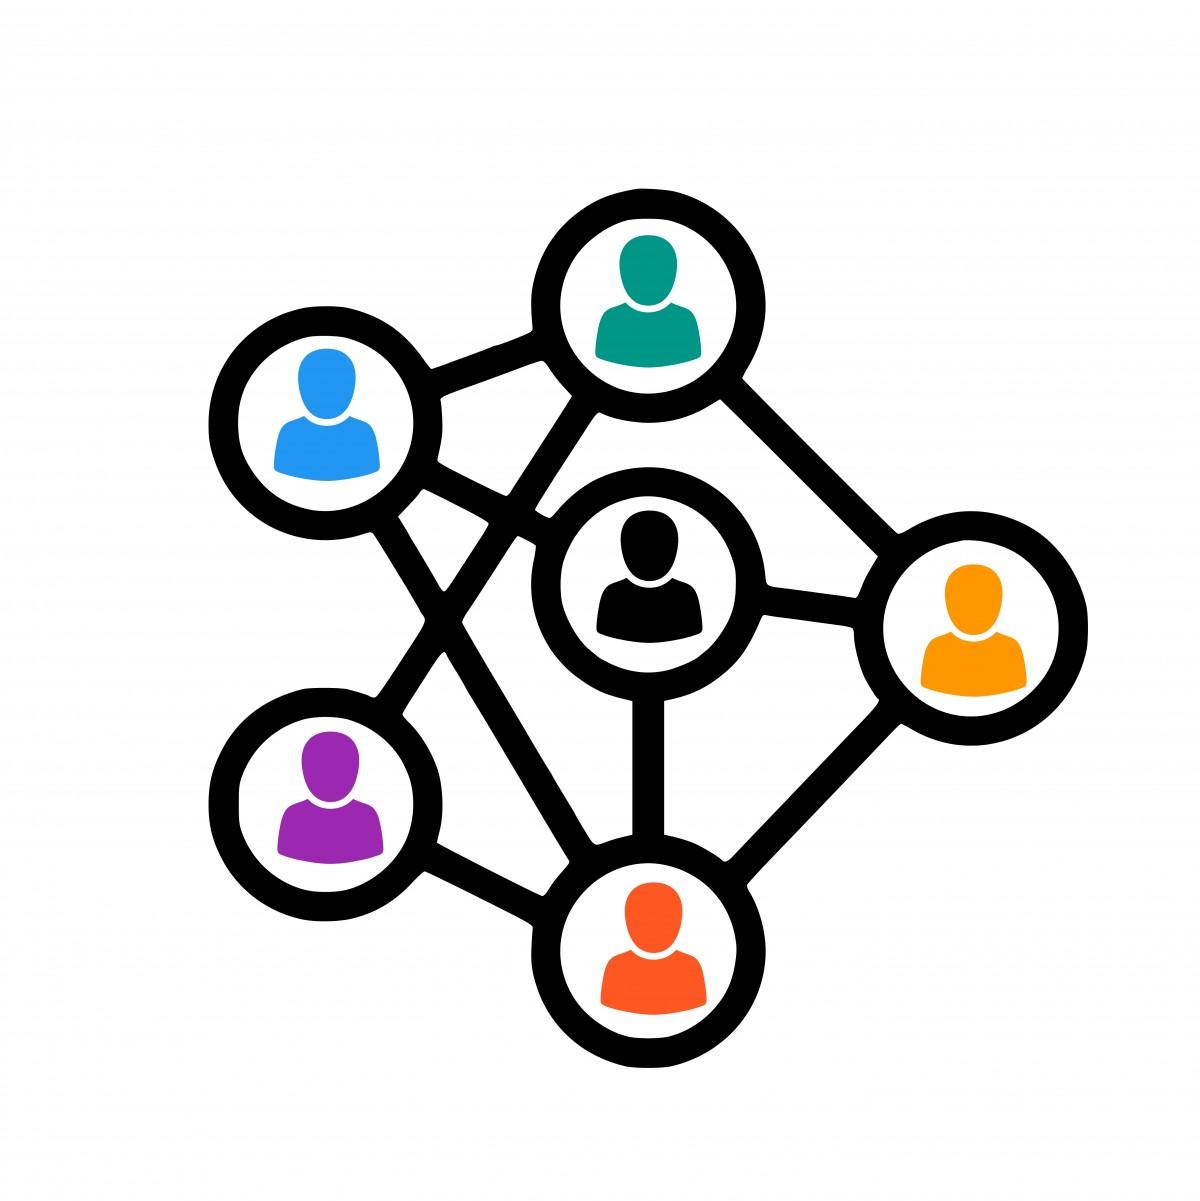 Network Marketing Explained